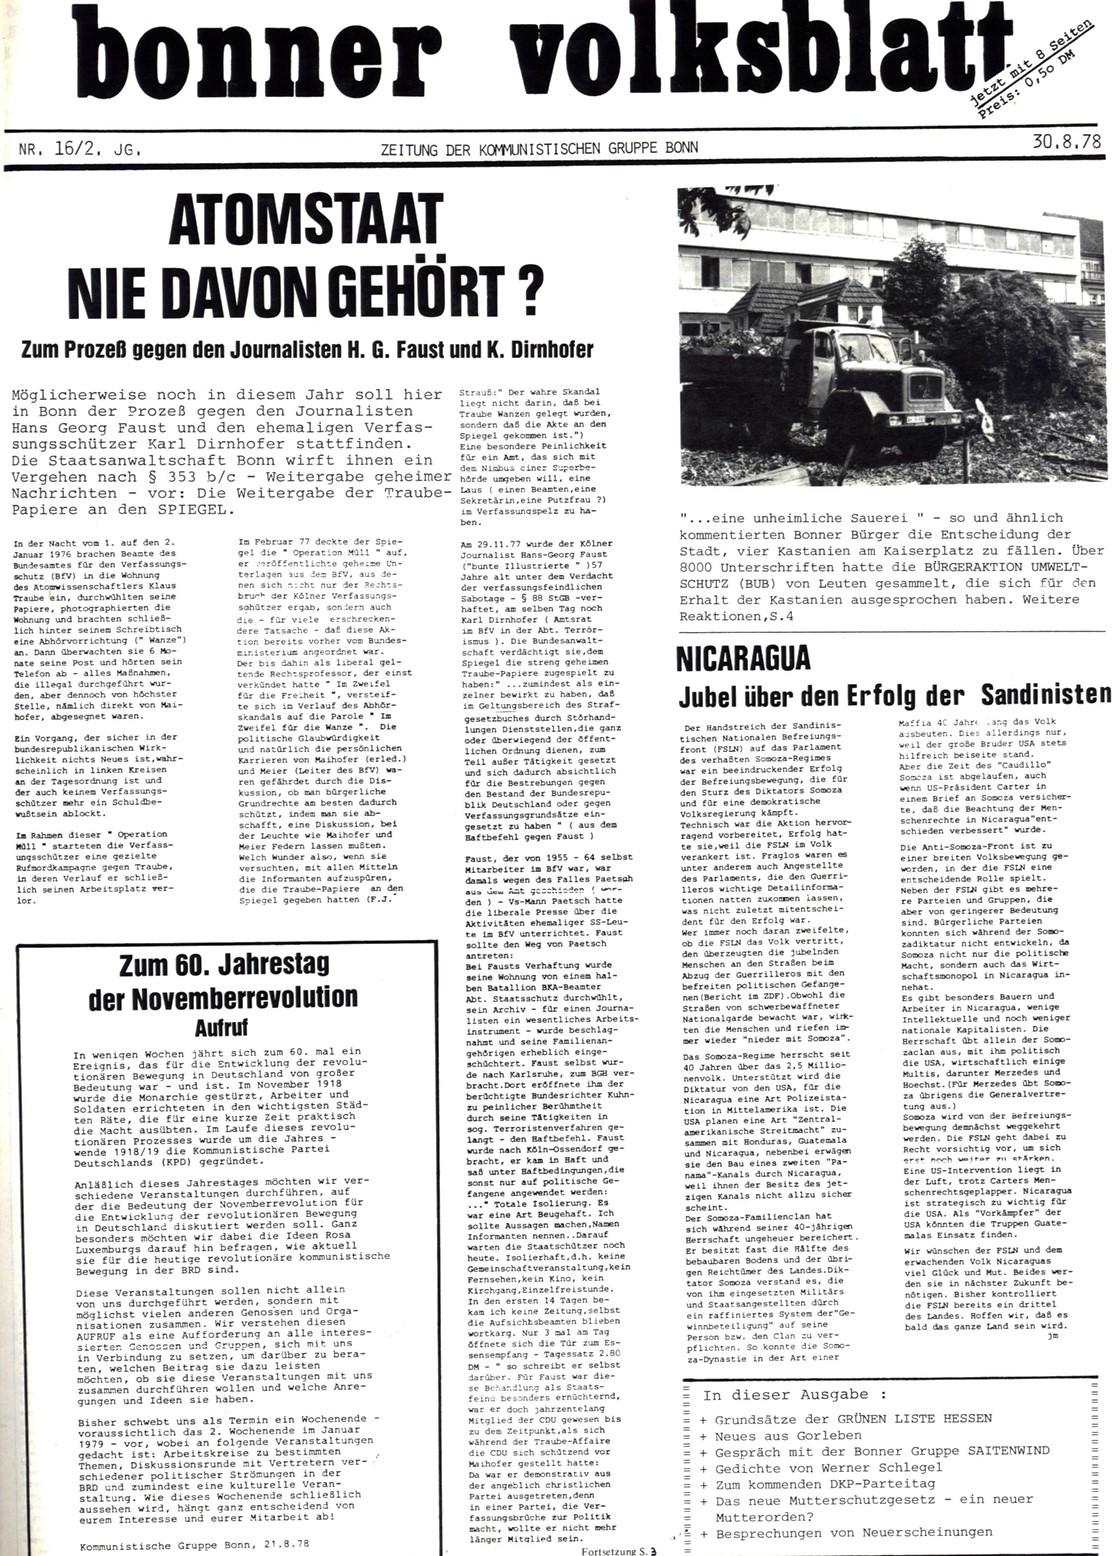 Bonner_Volksblatt_16_19780830_01